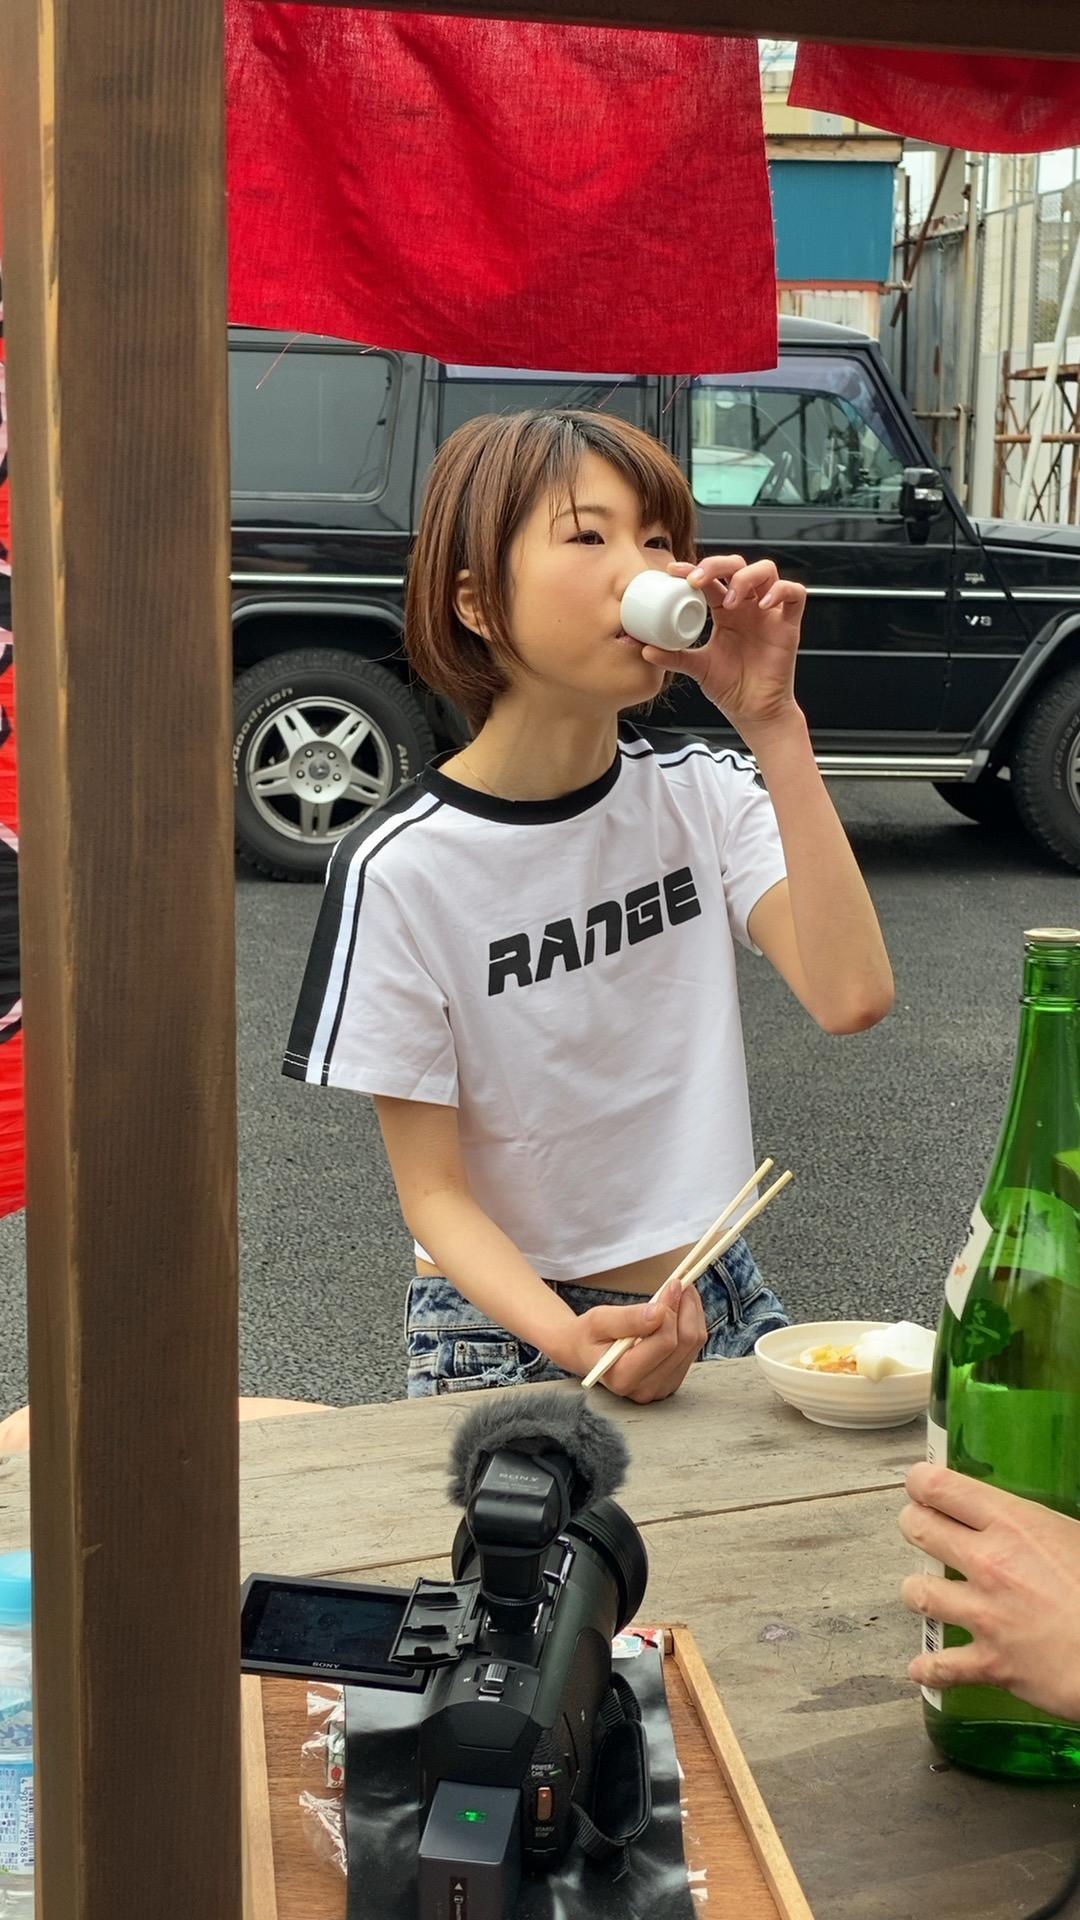 スーパードキュメント屋台ファック~おでん屋編~ 彩水香里奈